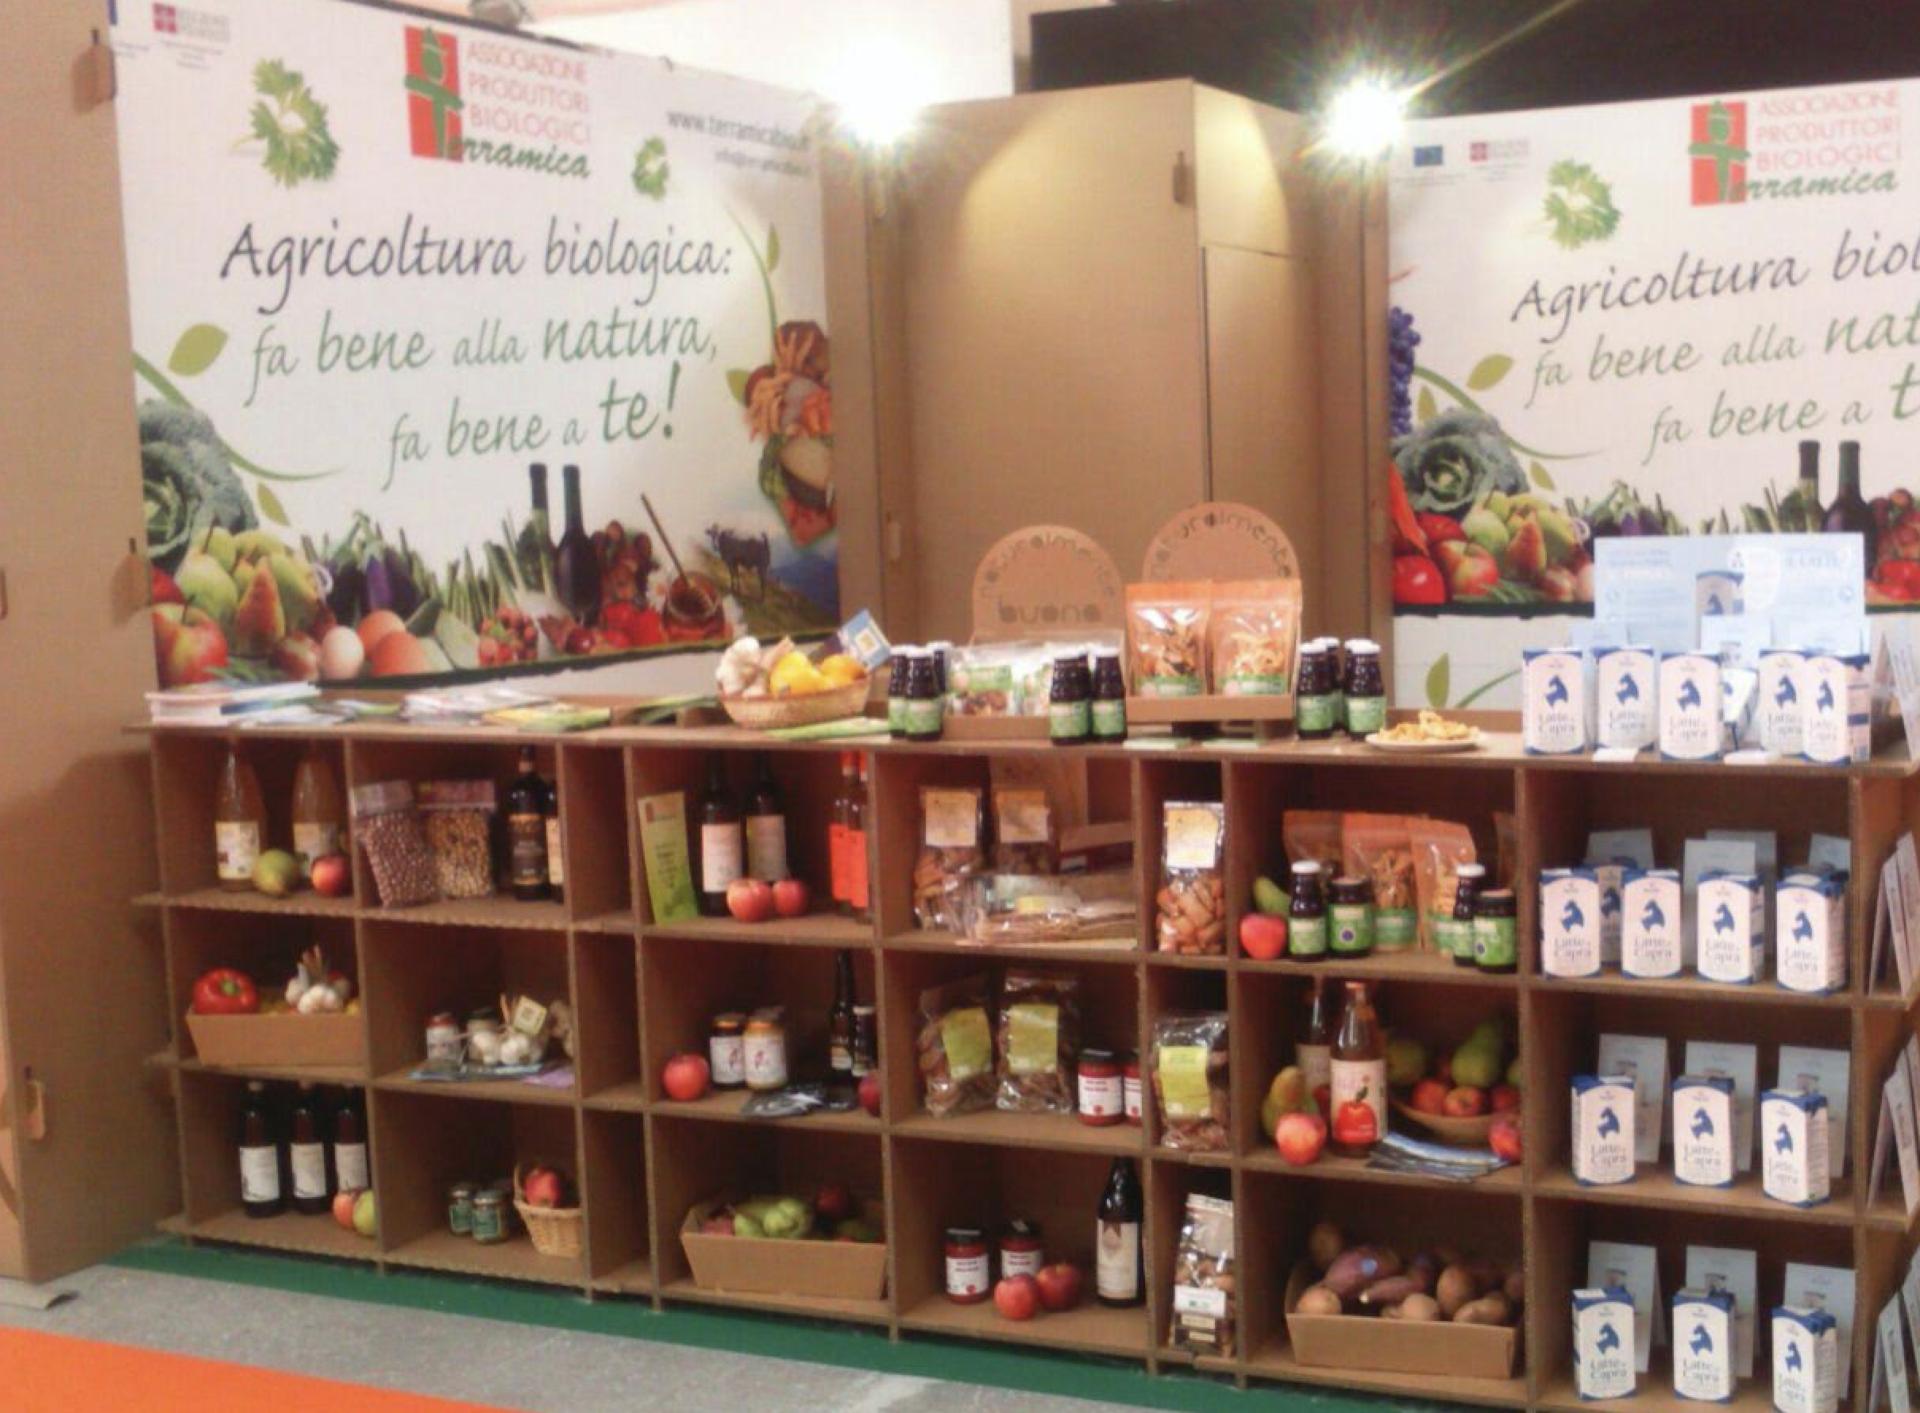 La Guida - L'agricoltura biologica cresce a Cuneo del 10% all'anno